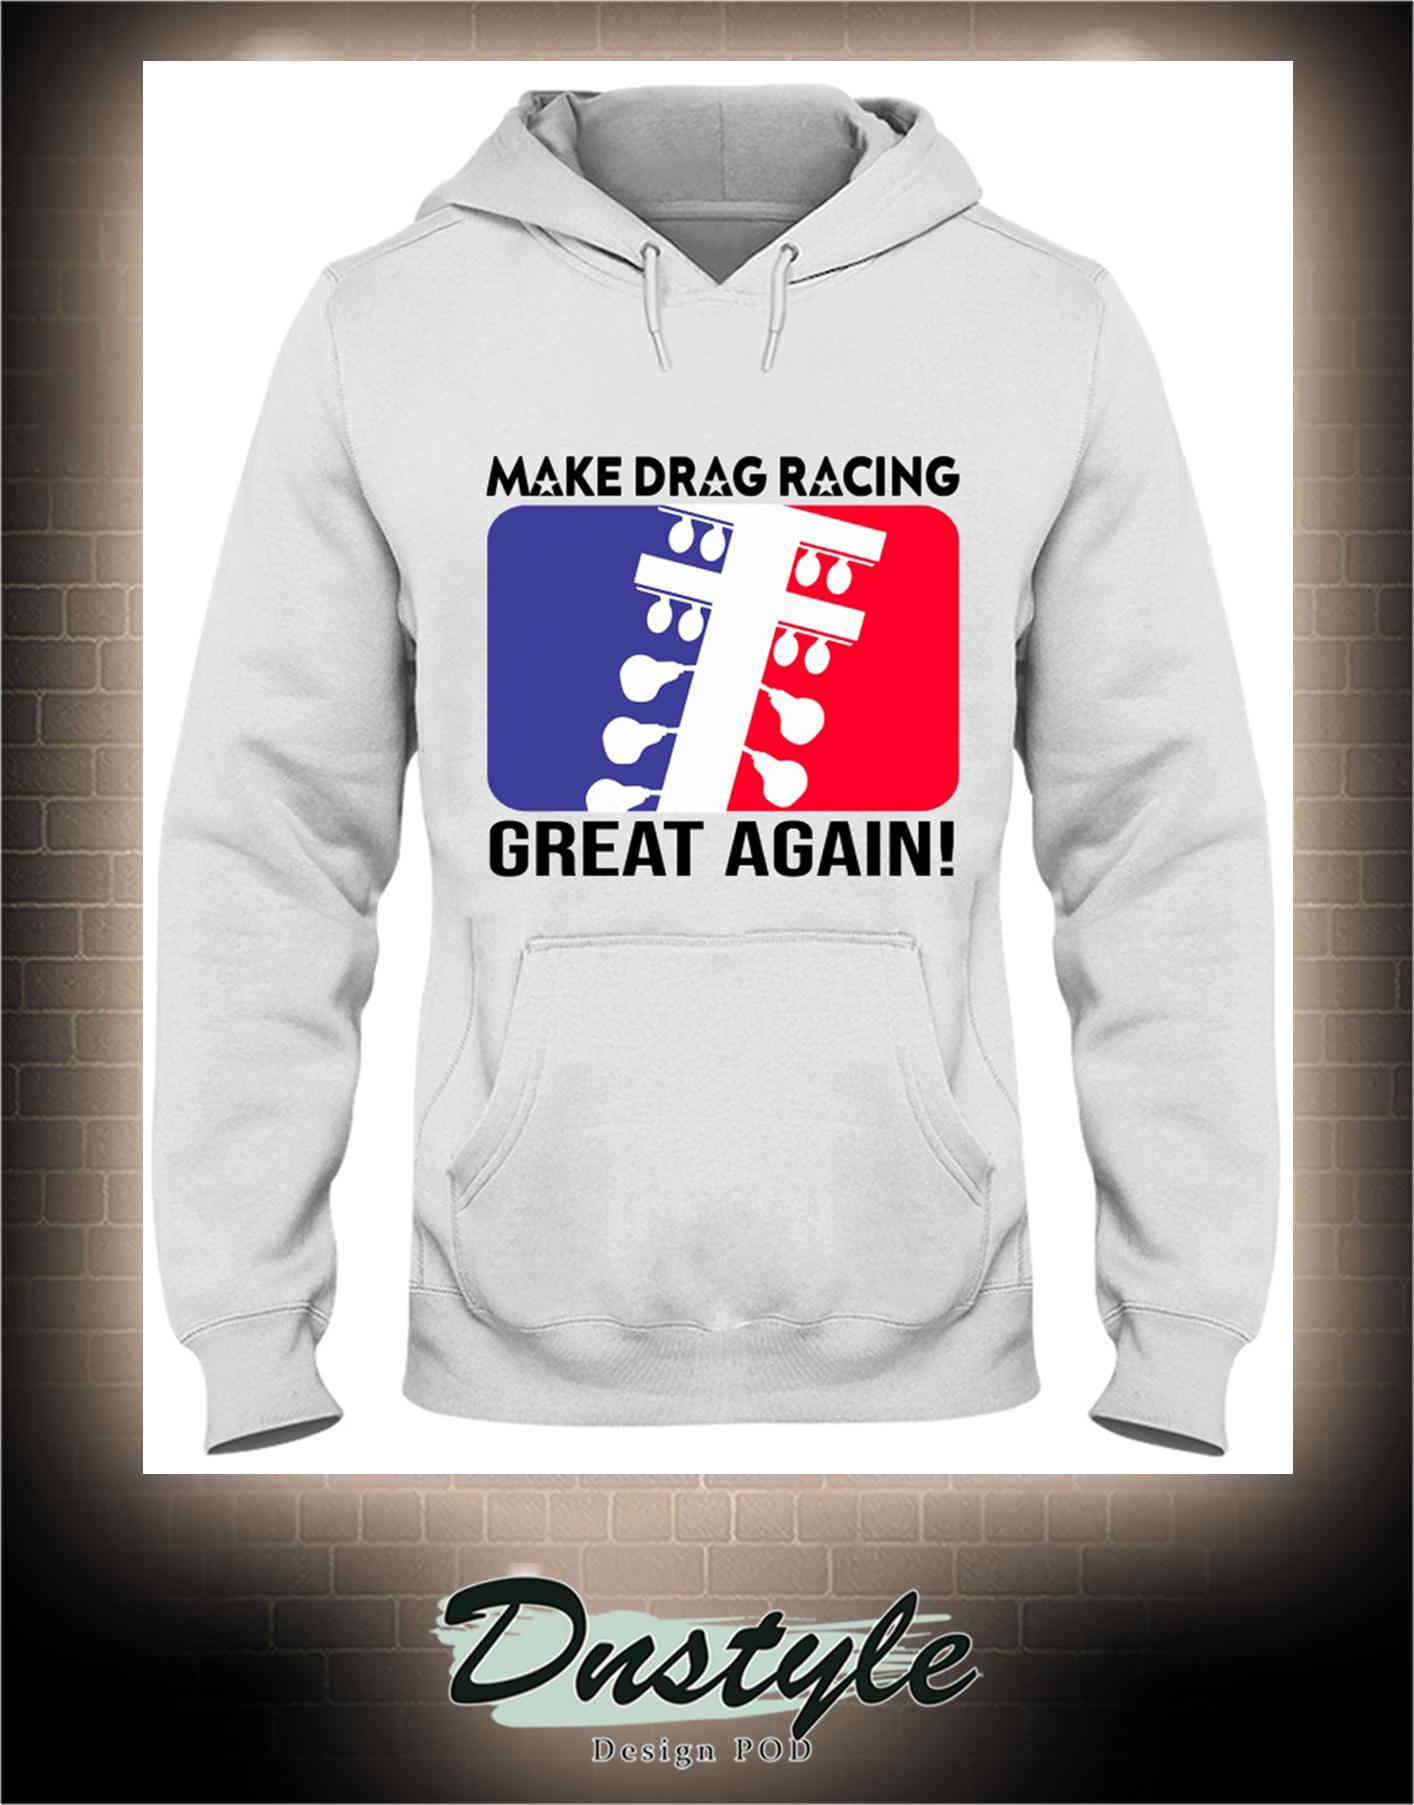 Make drag racing great again hoodie